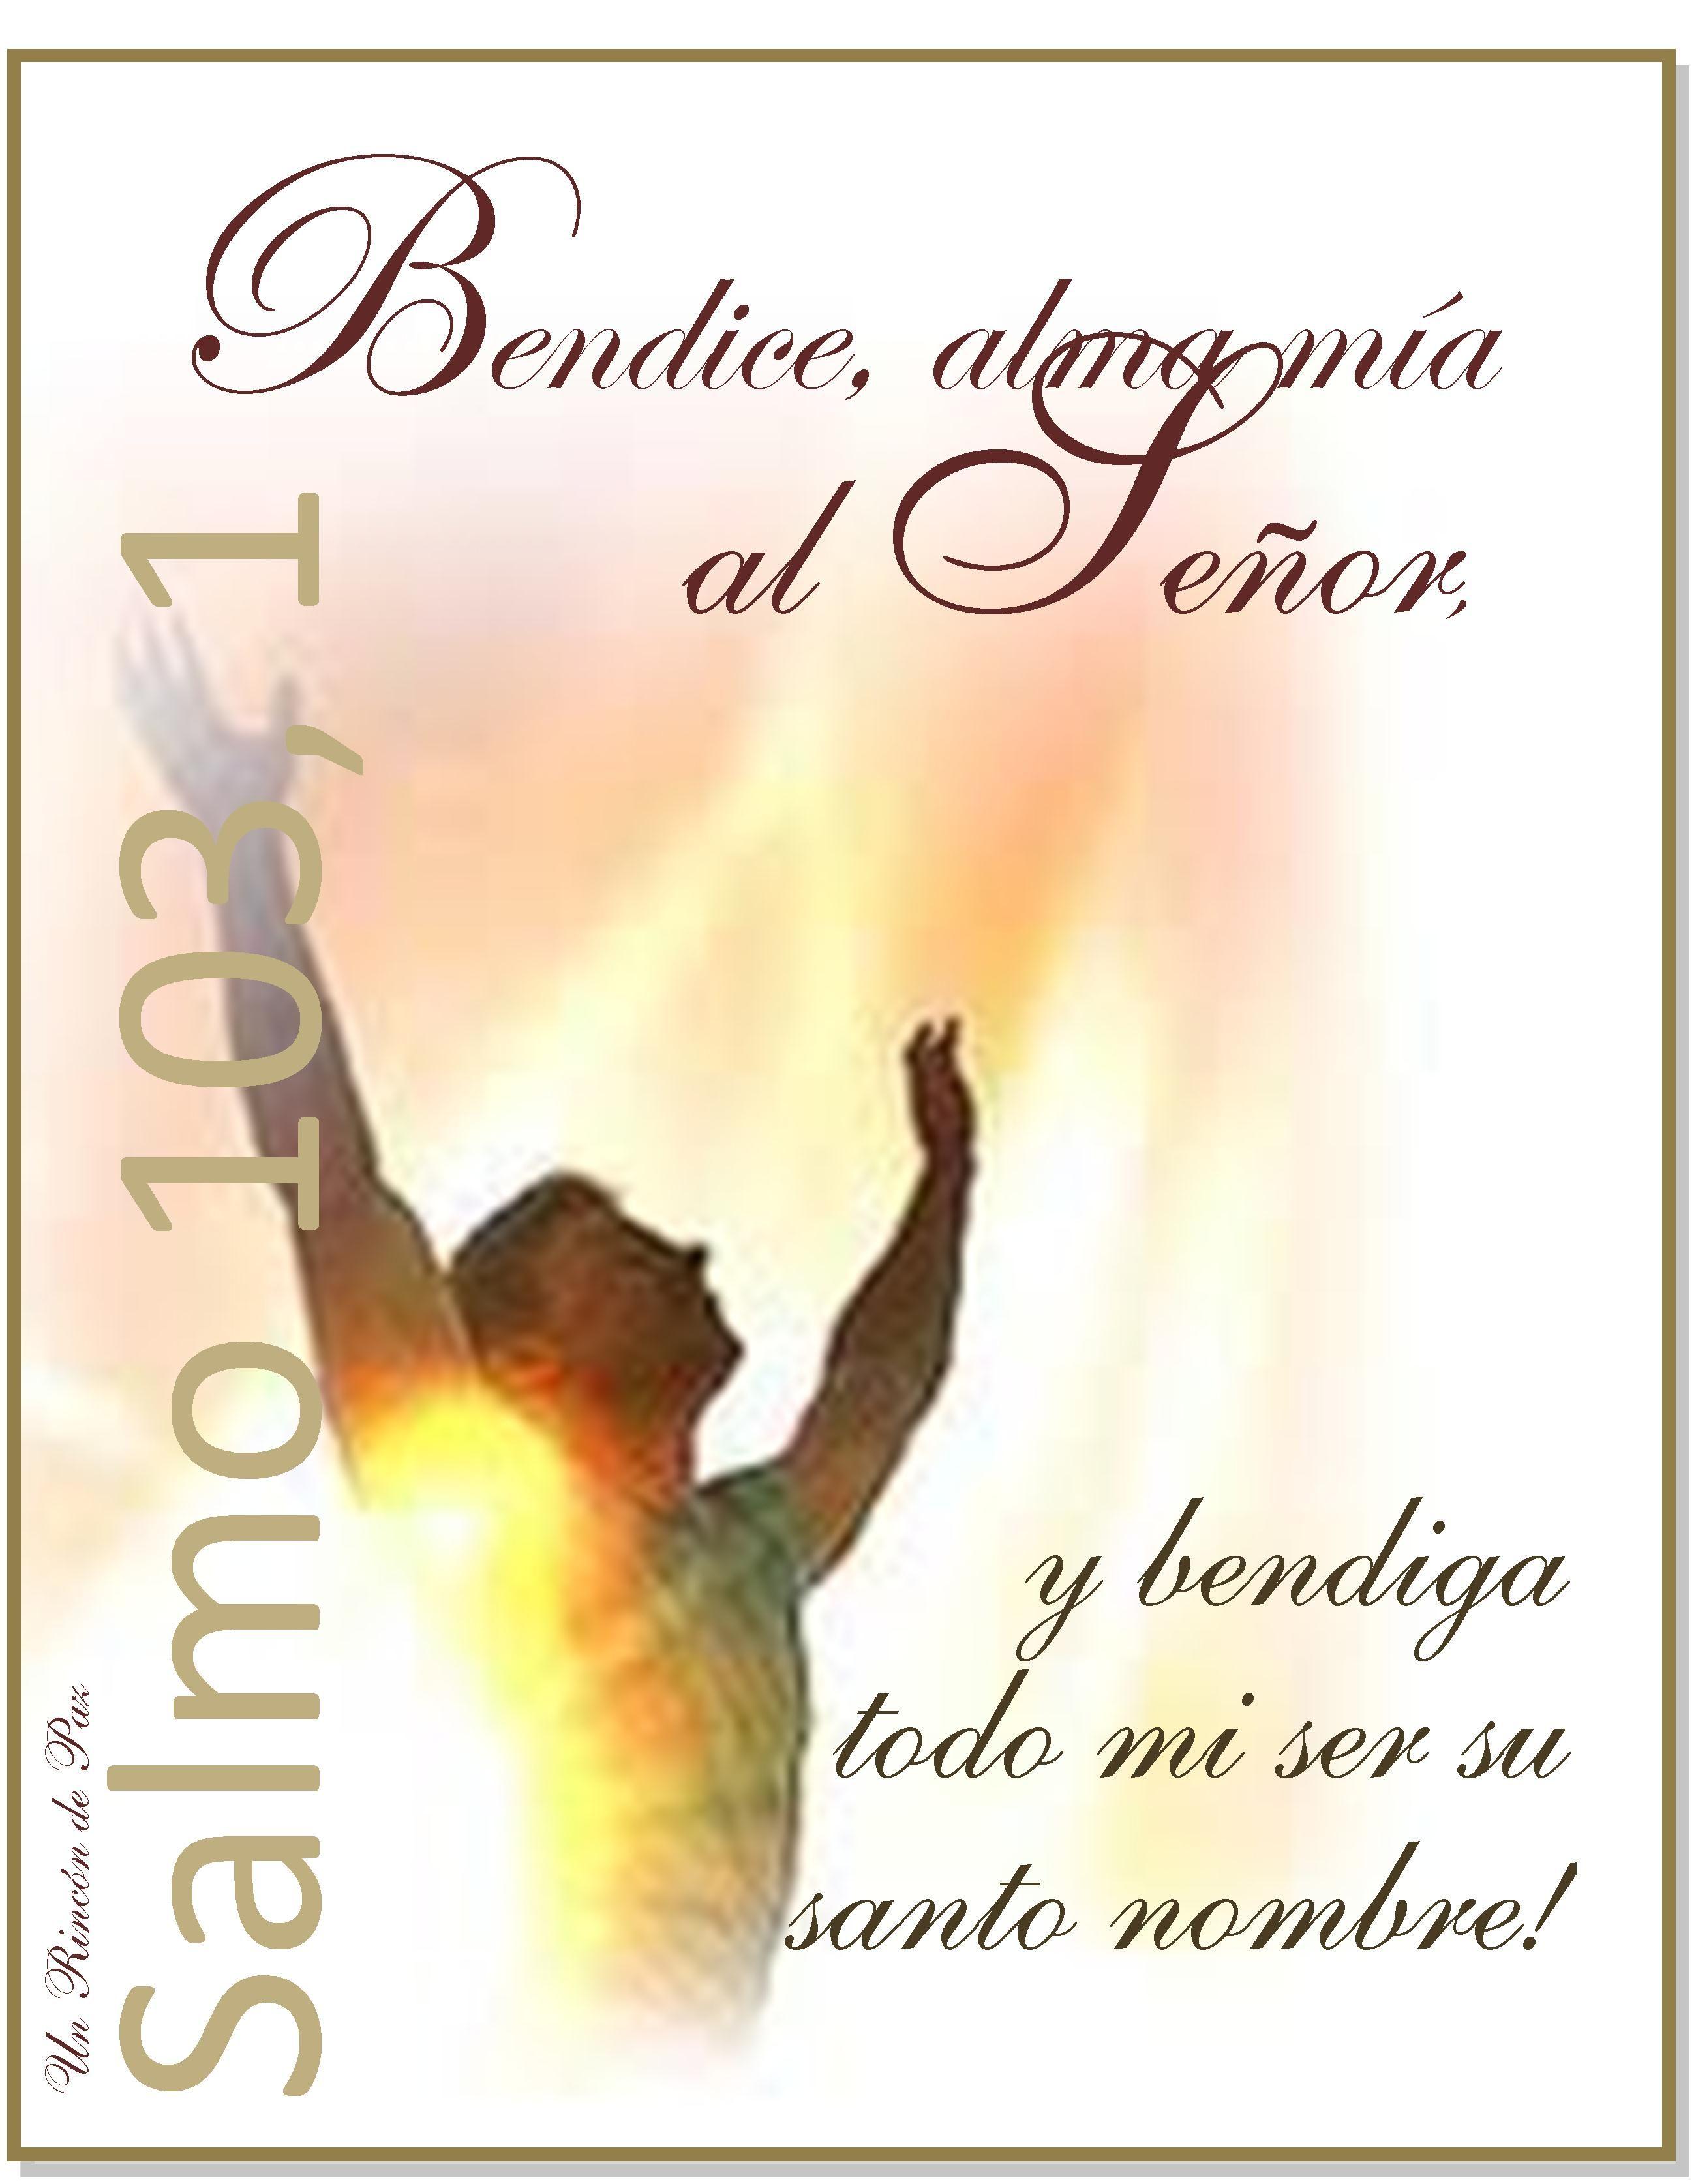 Bendice alma mía al Señor, y bendiga todo mi ser su Santo Nombre